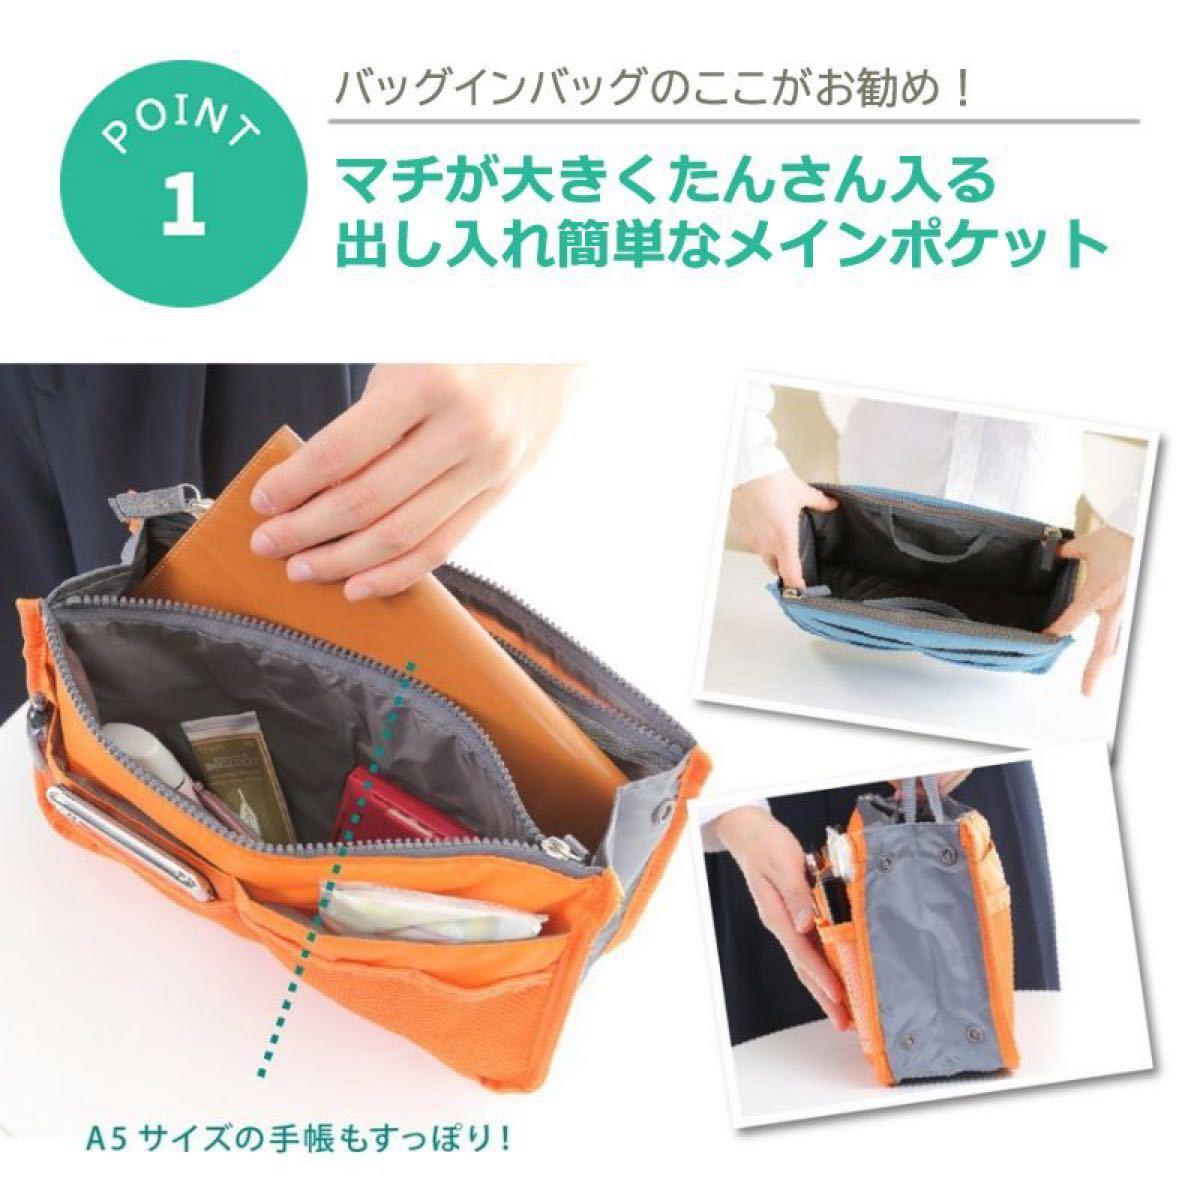 グレーバックインバック インナーバッグ 仕分け 小物 整理 整頓 仕切り   トラベルポーチ 化粧ポーチ インナーバッグ  化粧品